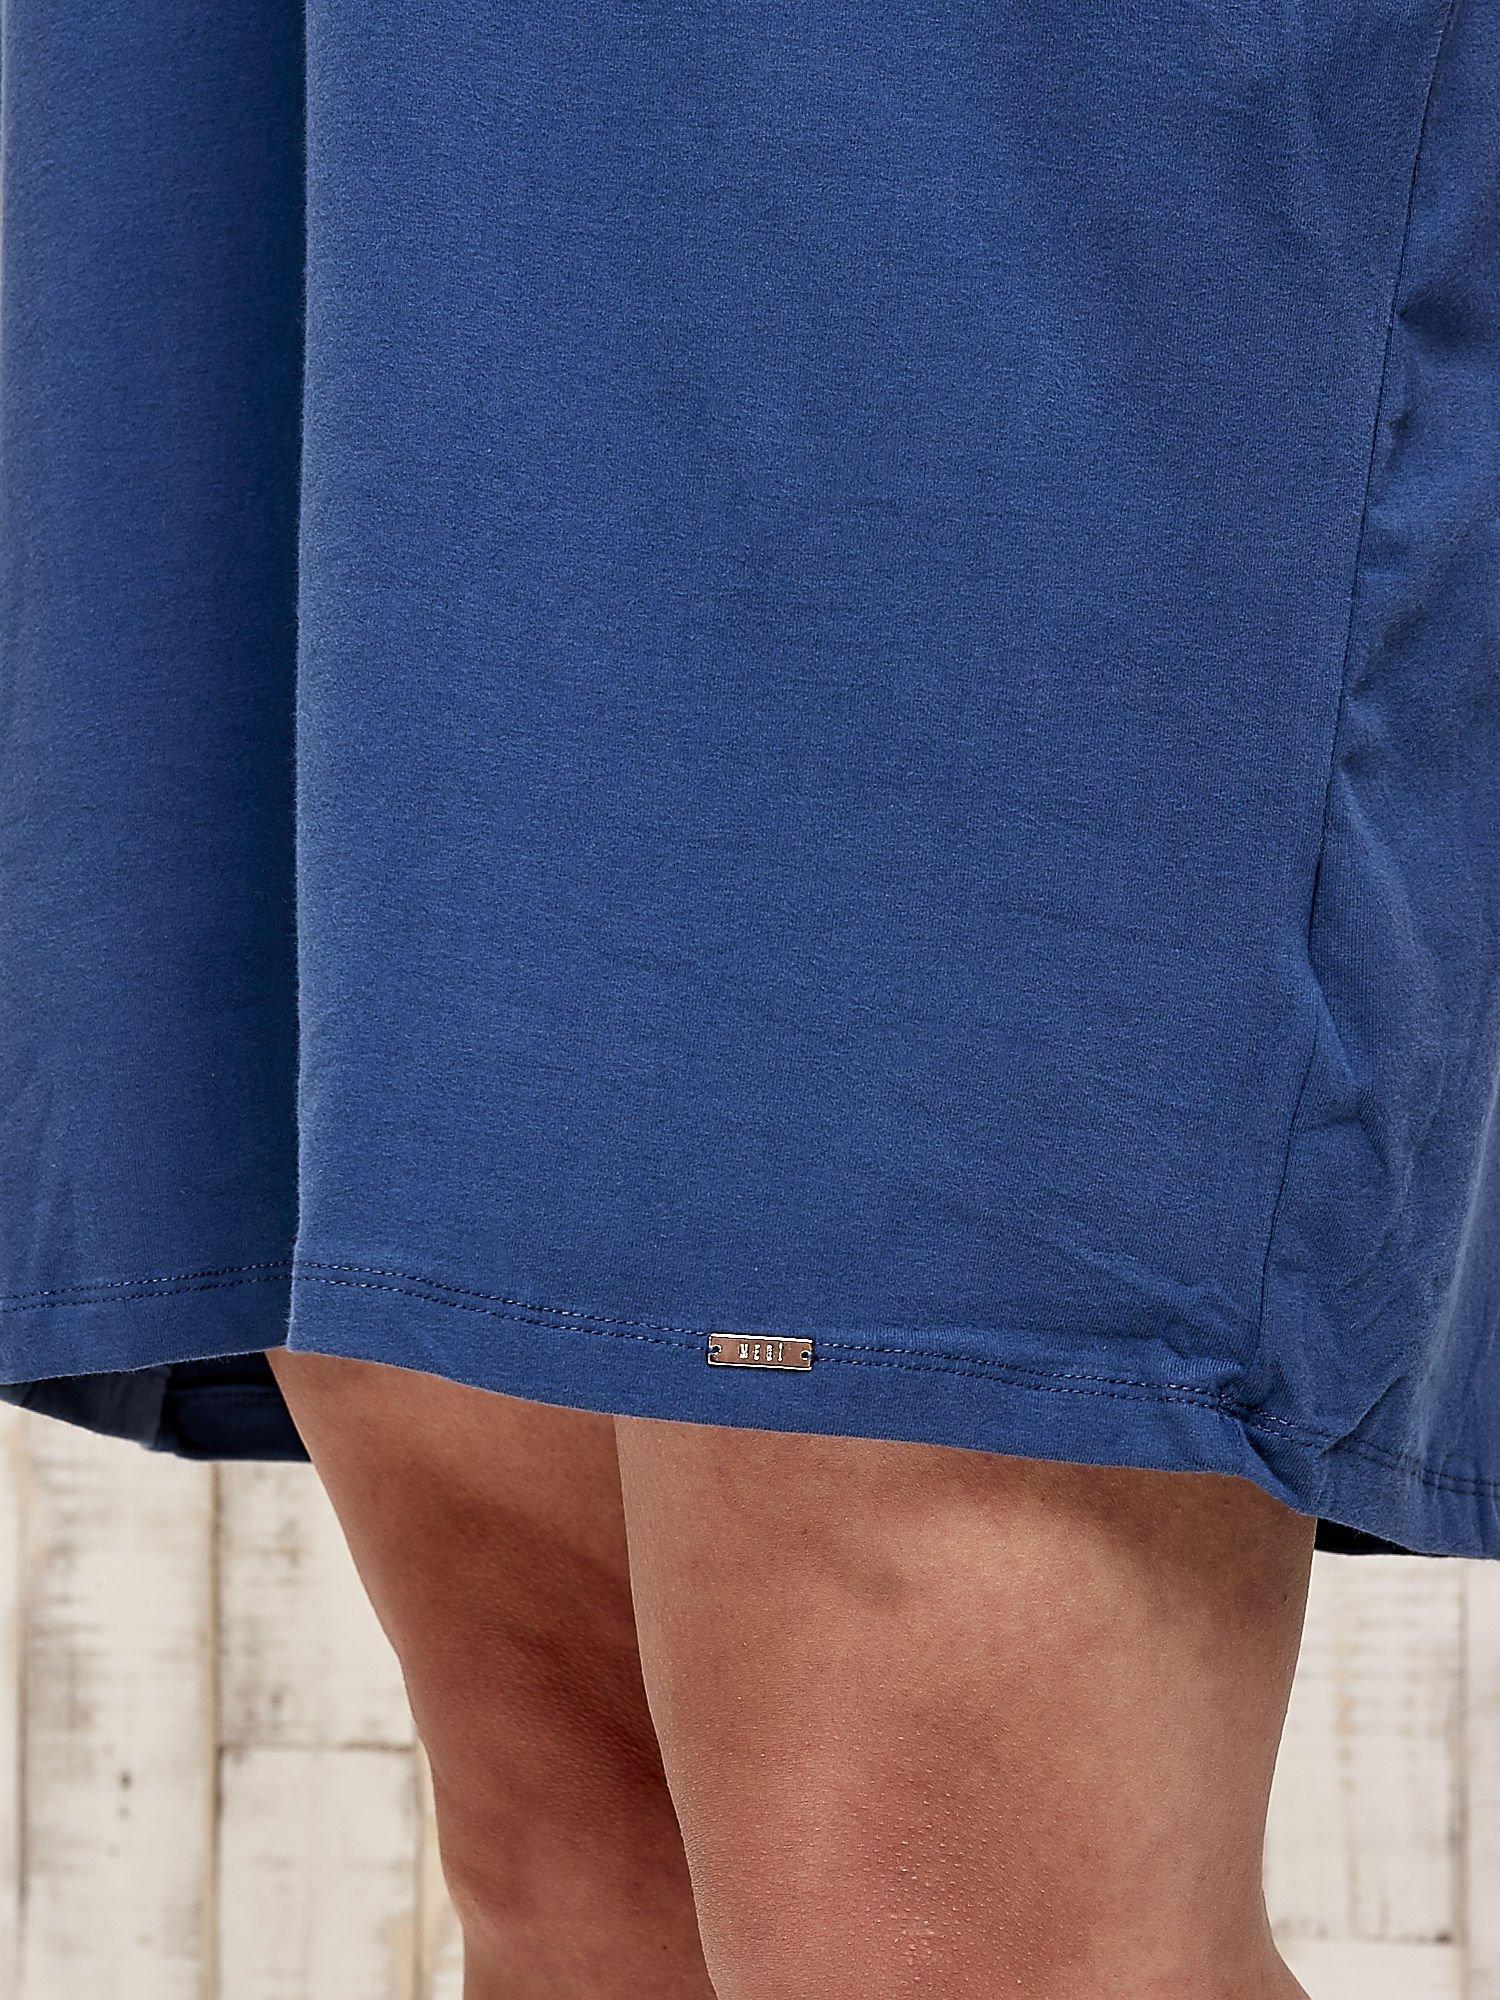 Ciemnoniebieska sukienka dresowa z dżetami PLUS SIZE                                  zdj.                                  6